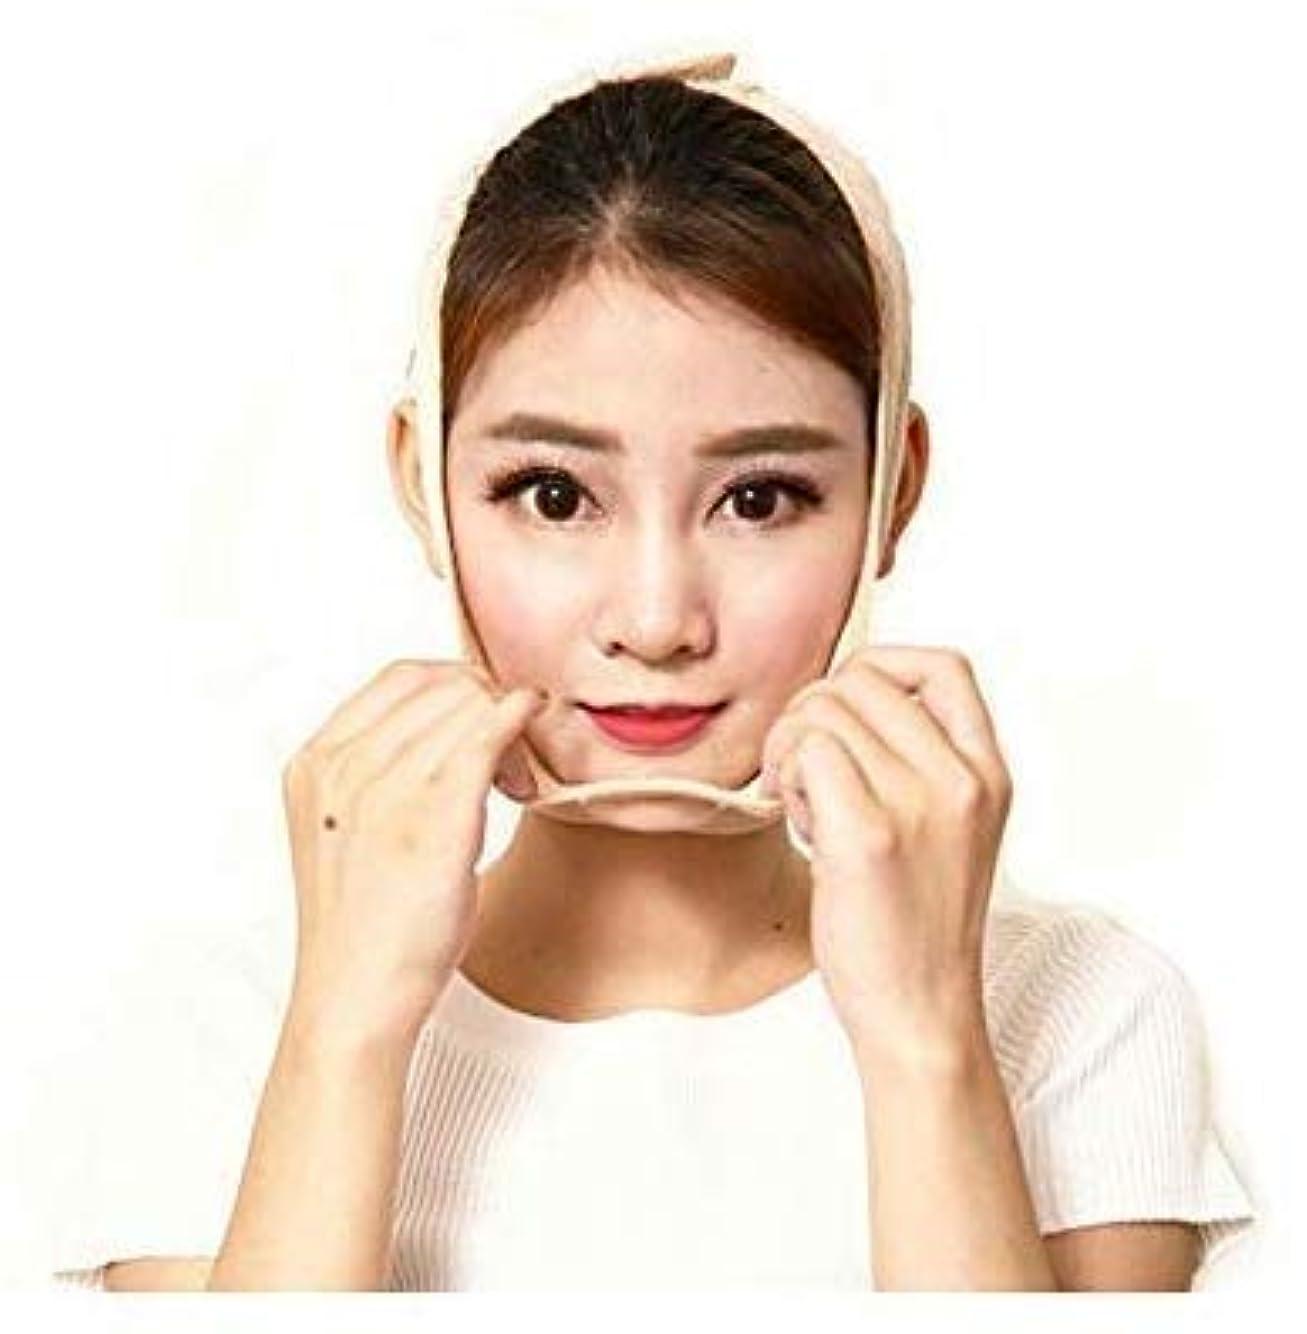 クリエイティブダルセット対話美容と実用的な引き締めマスク薄い顔アーティファクト包帯美容フードリフト引き締めマスクをダブルチンL小Vフェイスマッサージフェイスリフトフェイシャル